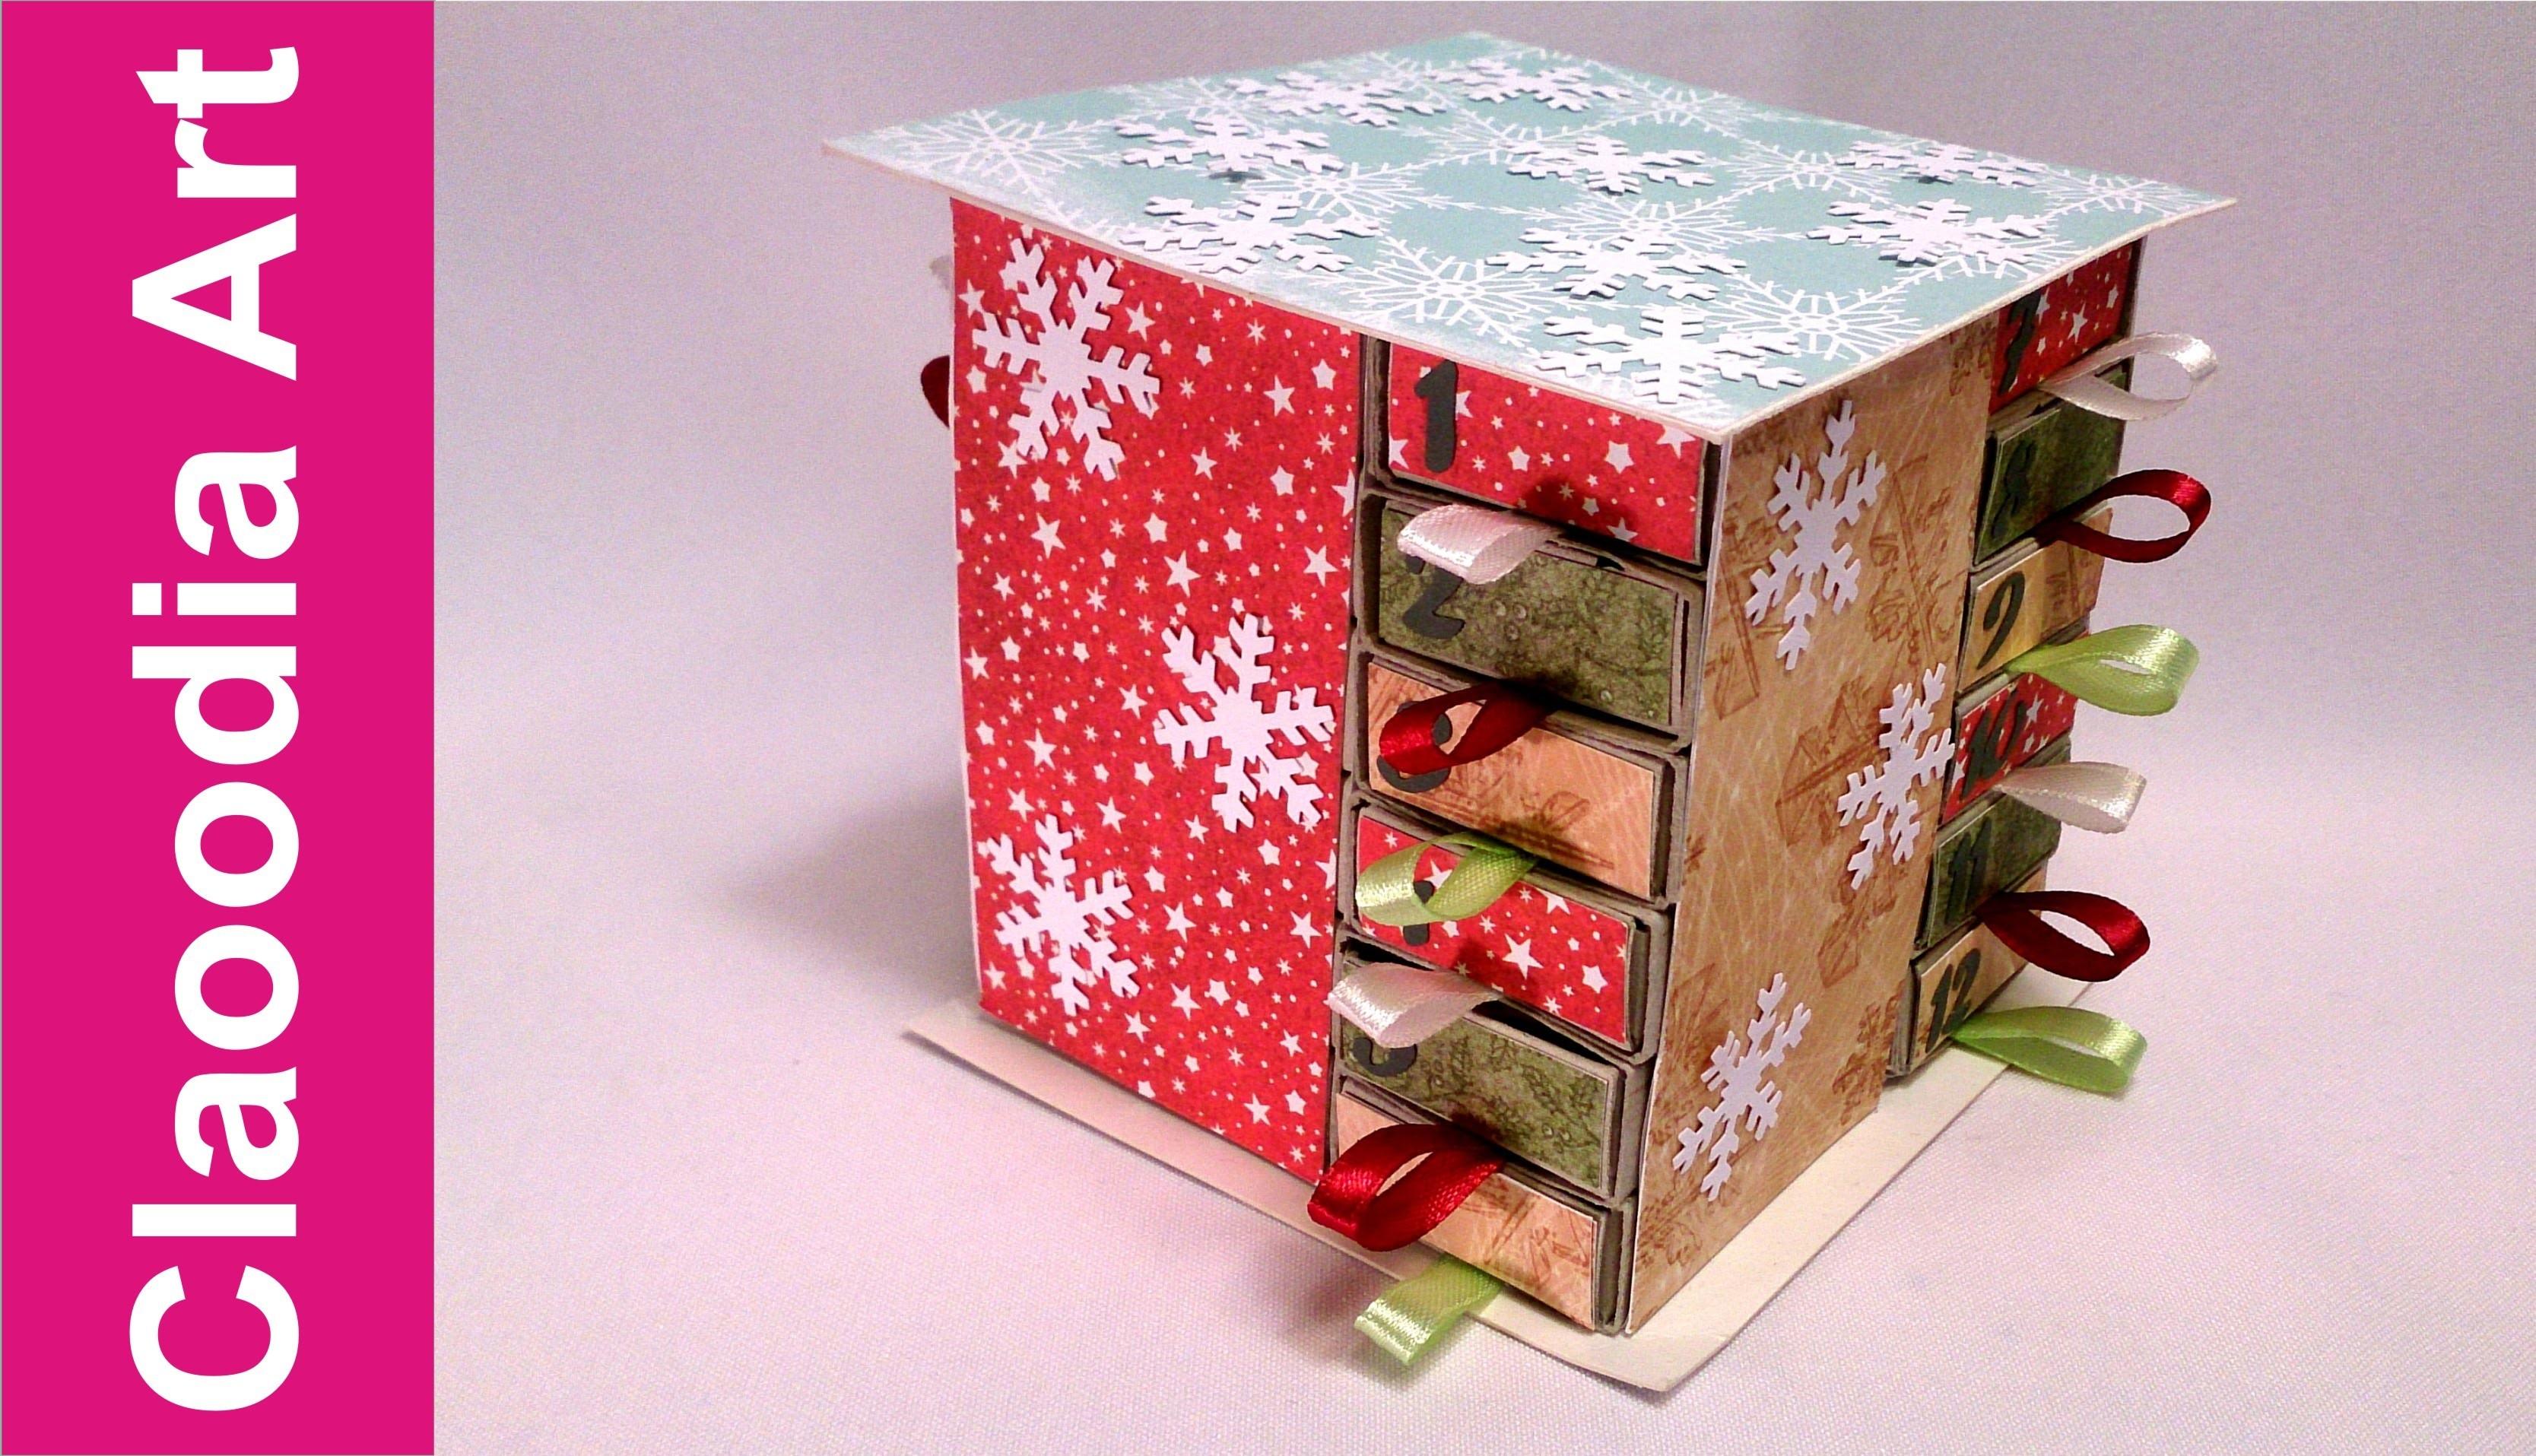 Kalendarz Adwentowy z pudełek po zapałkach (advent calendar DIY)